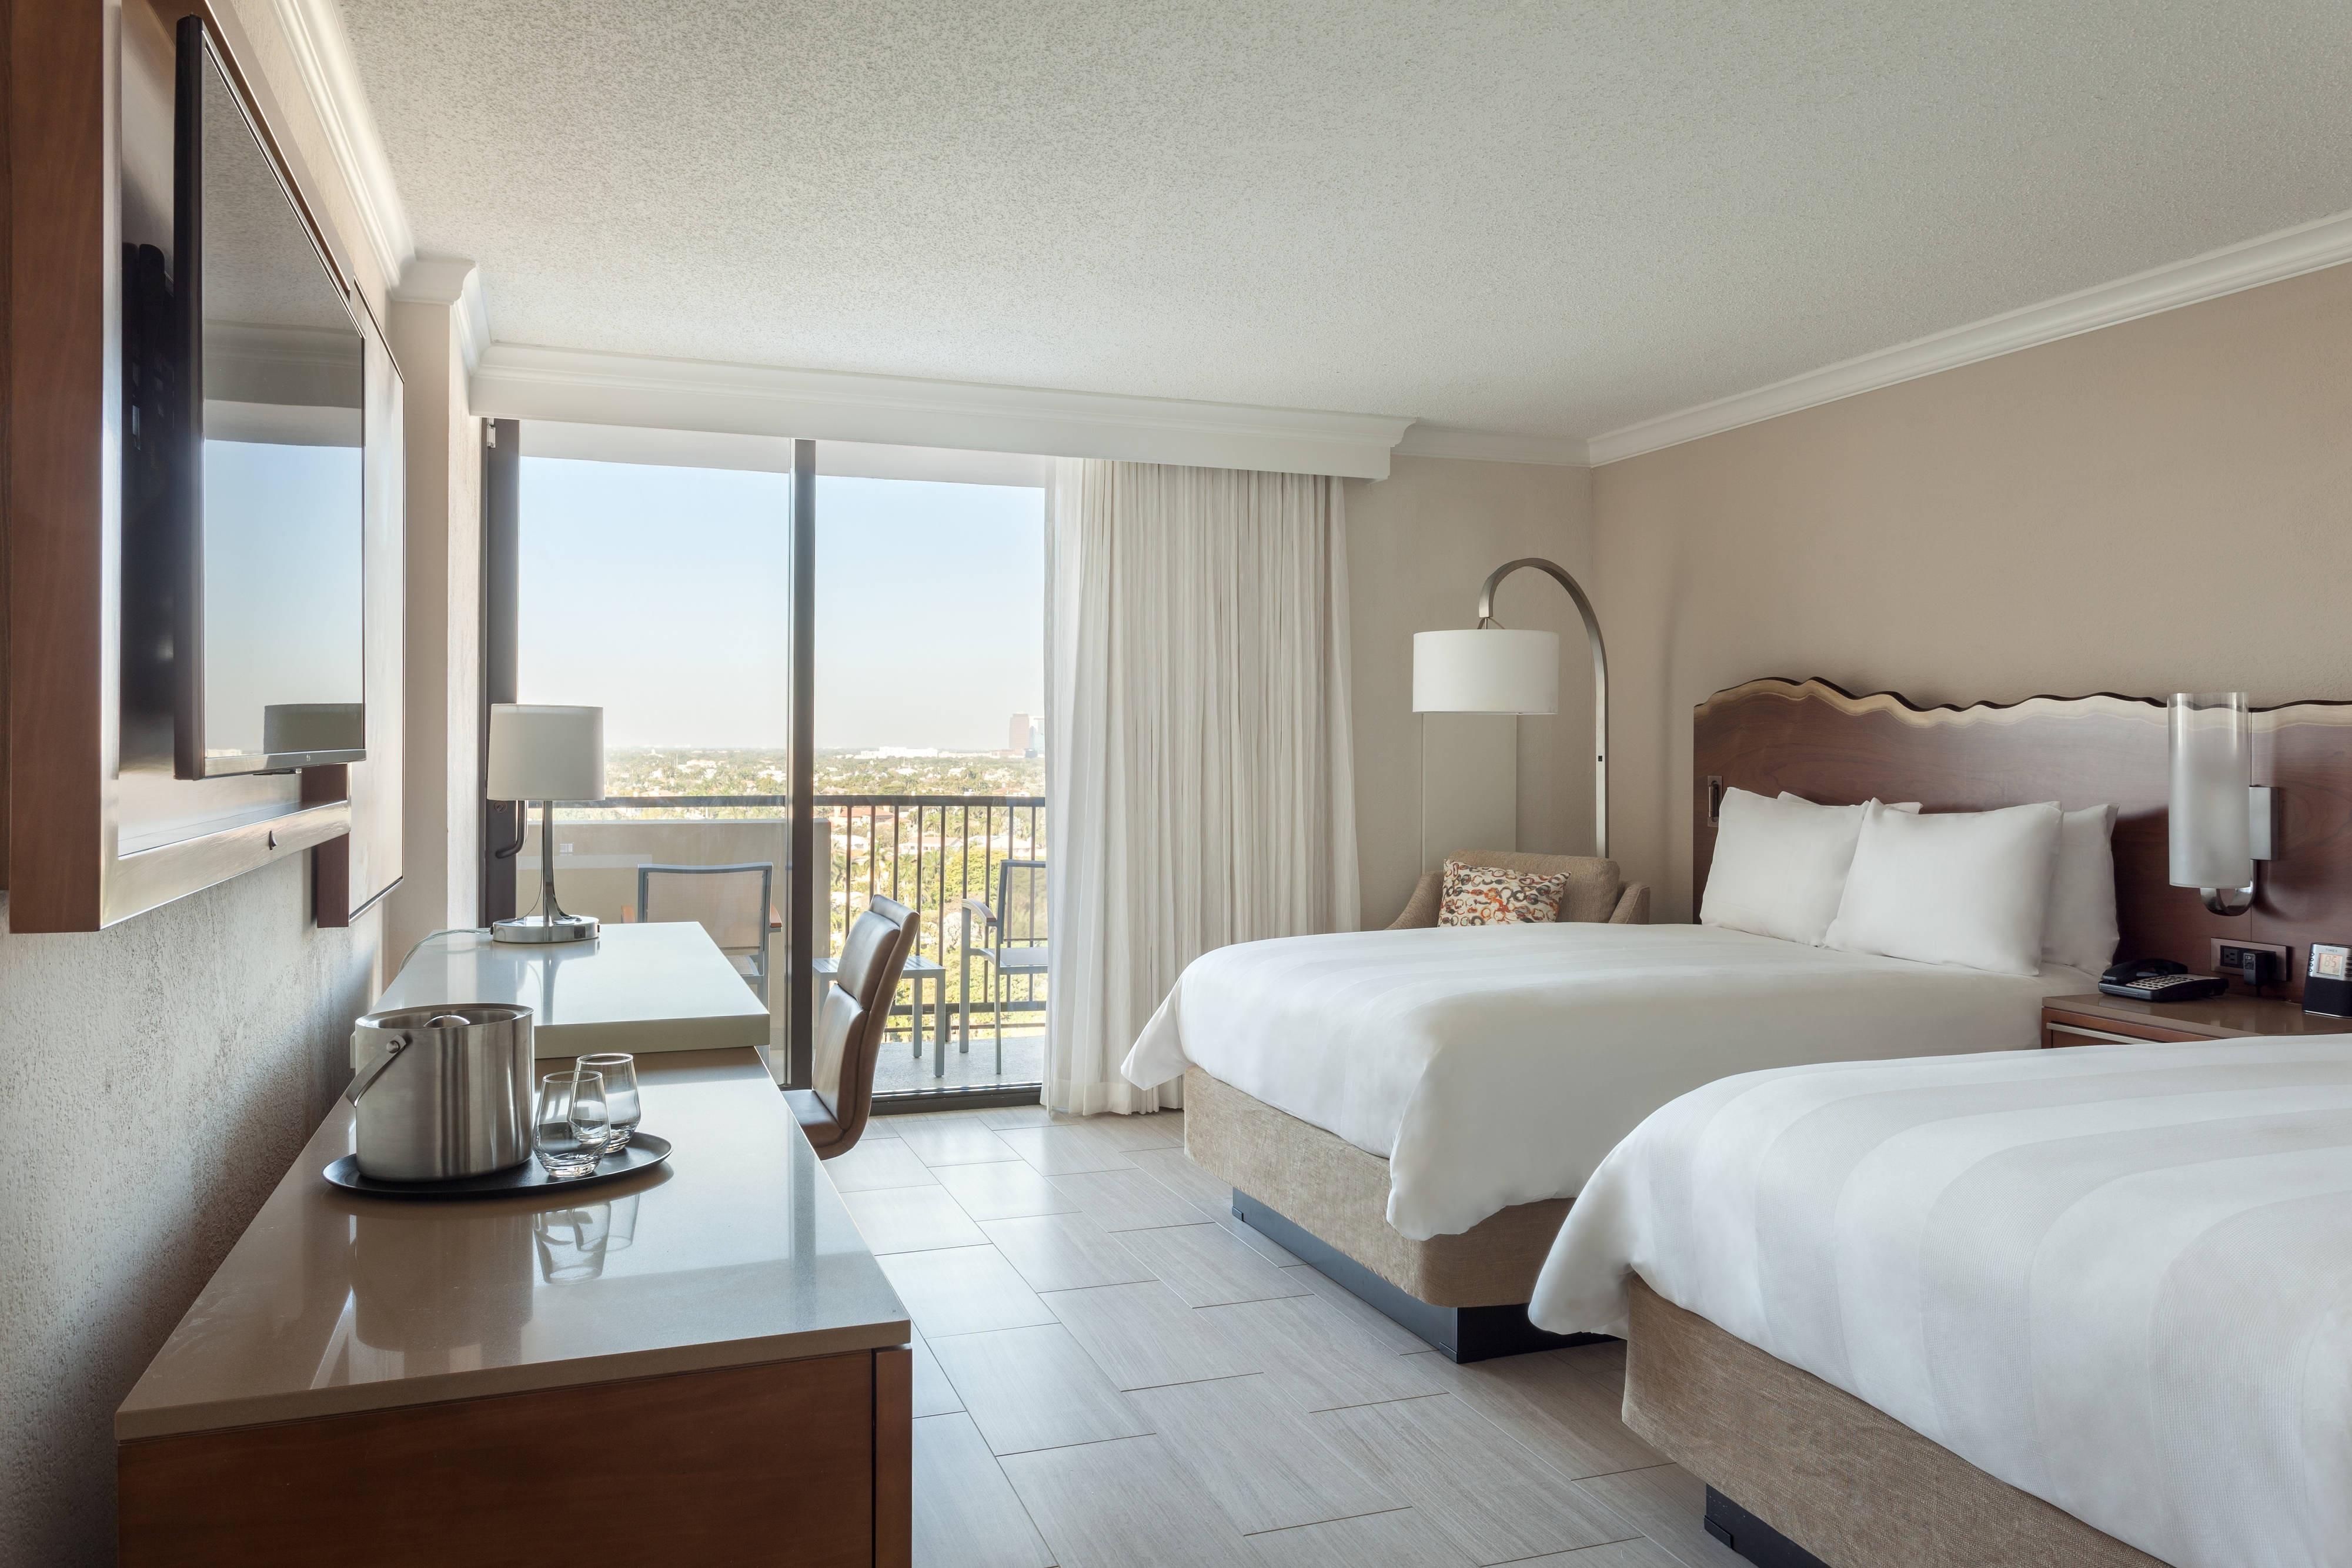 Gästezimmer mit zwei Doppelbettenund Blick auf den Intracoastal Waterway